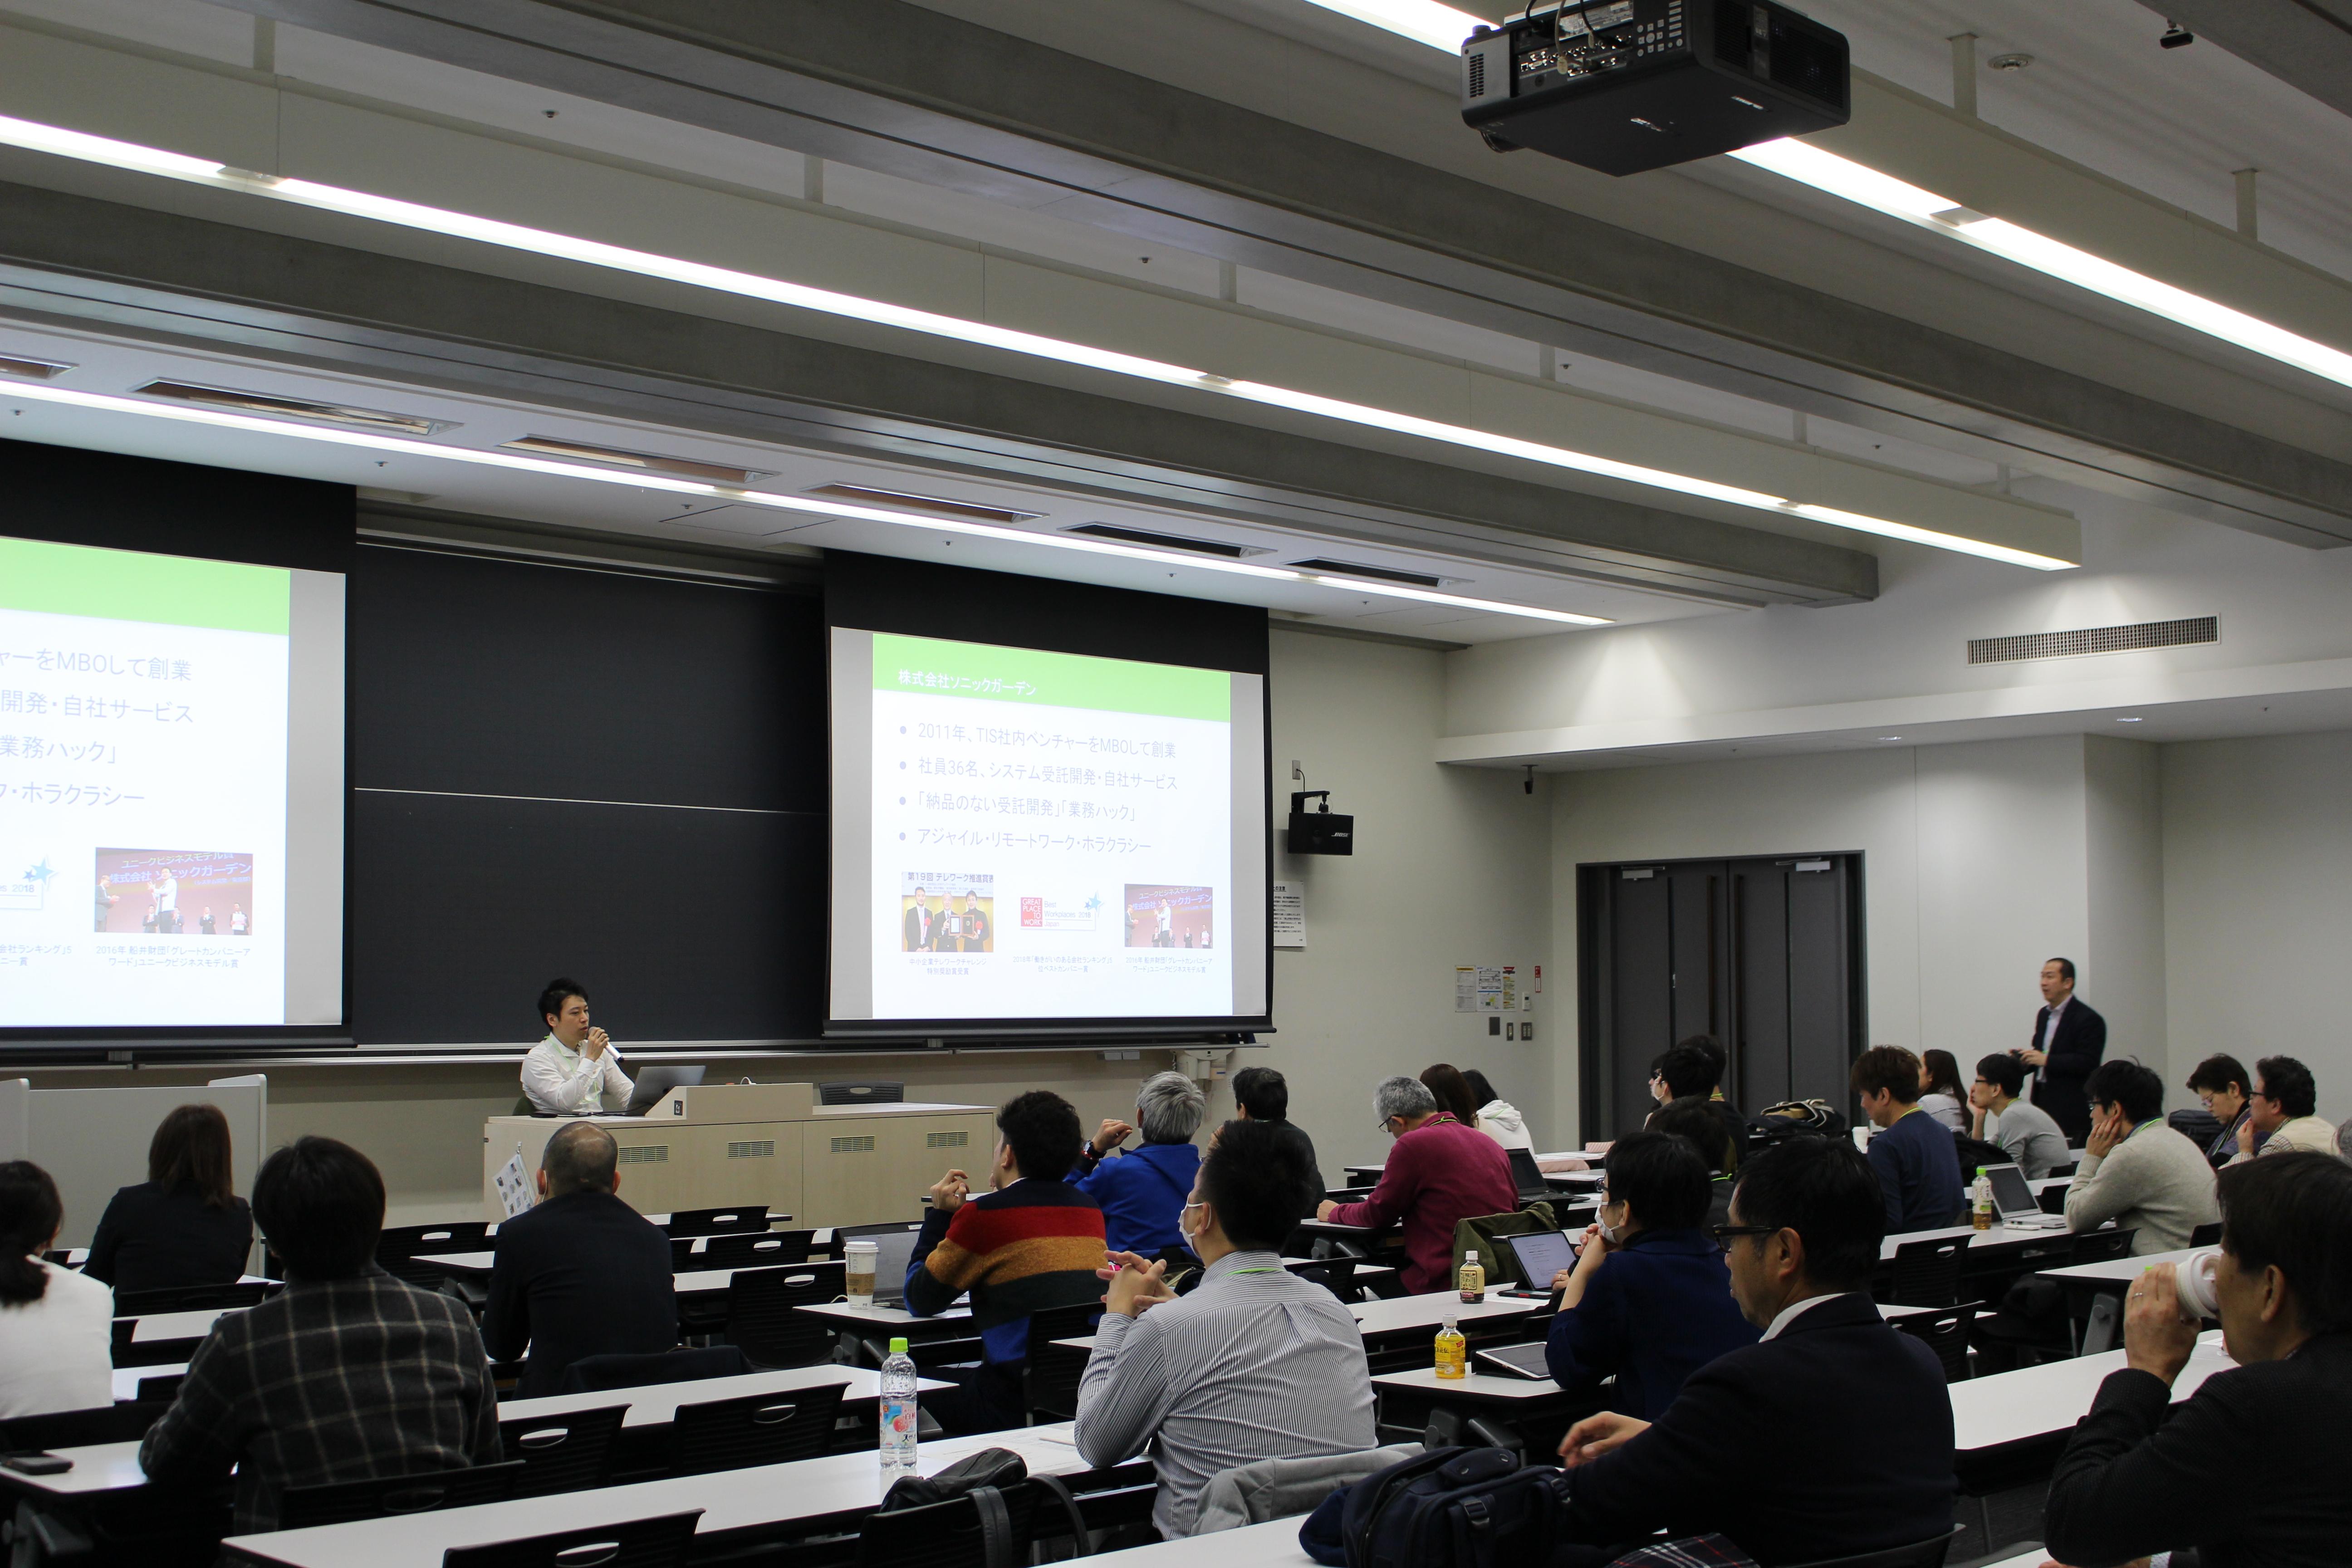 弊社取締役の西見が「日本マーケティング学会」にて講演しました。